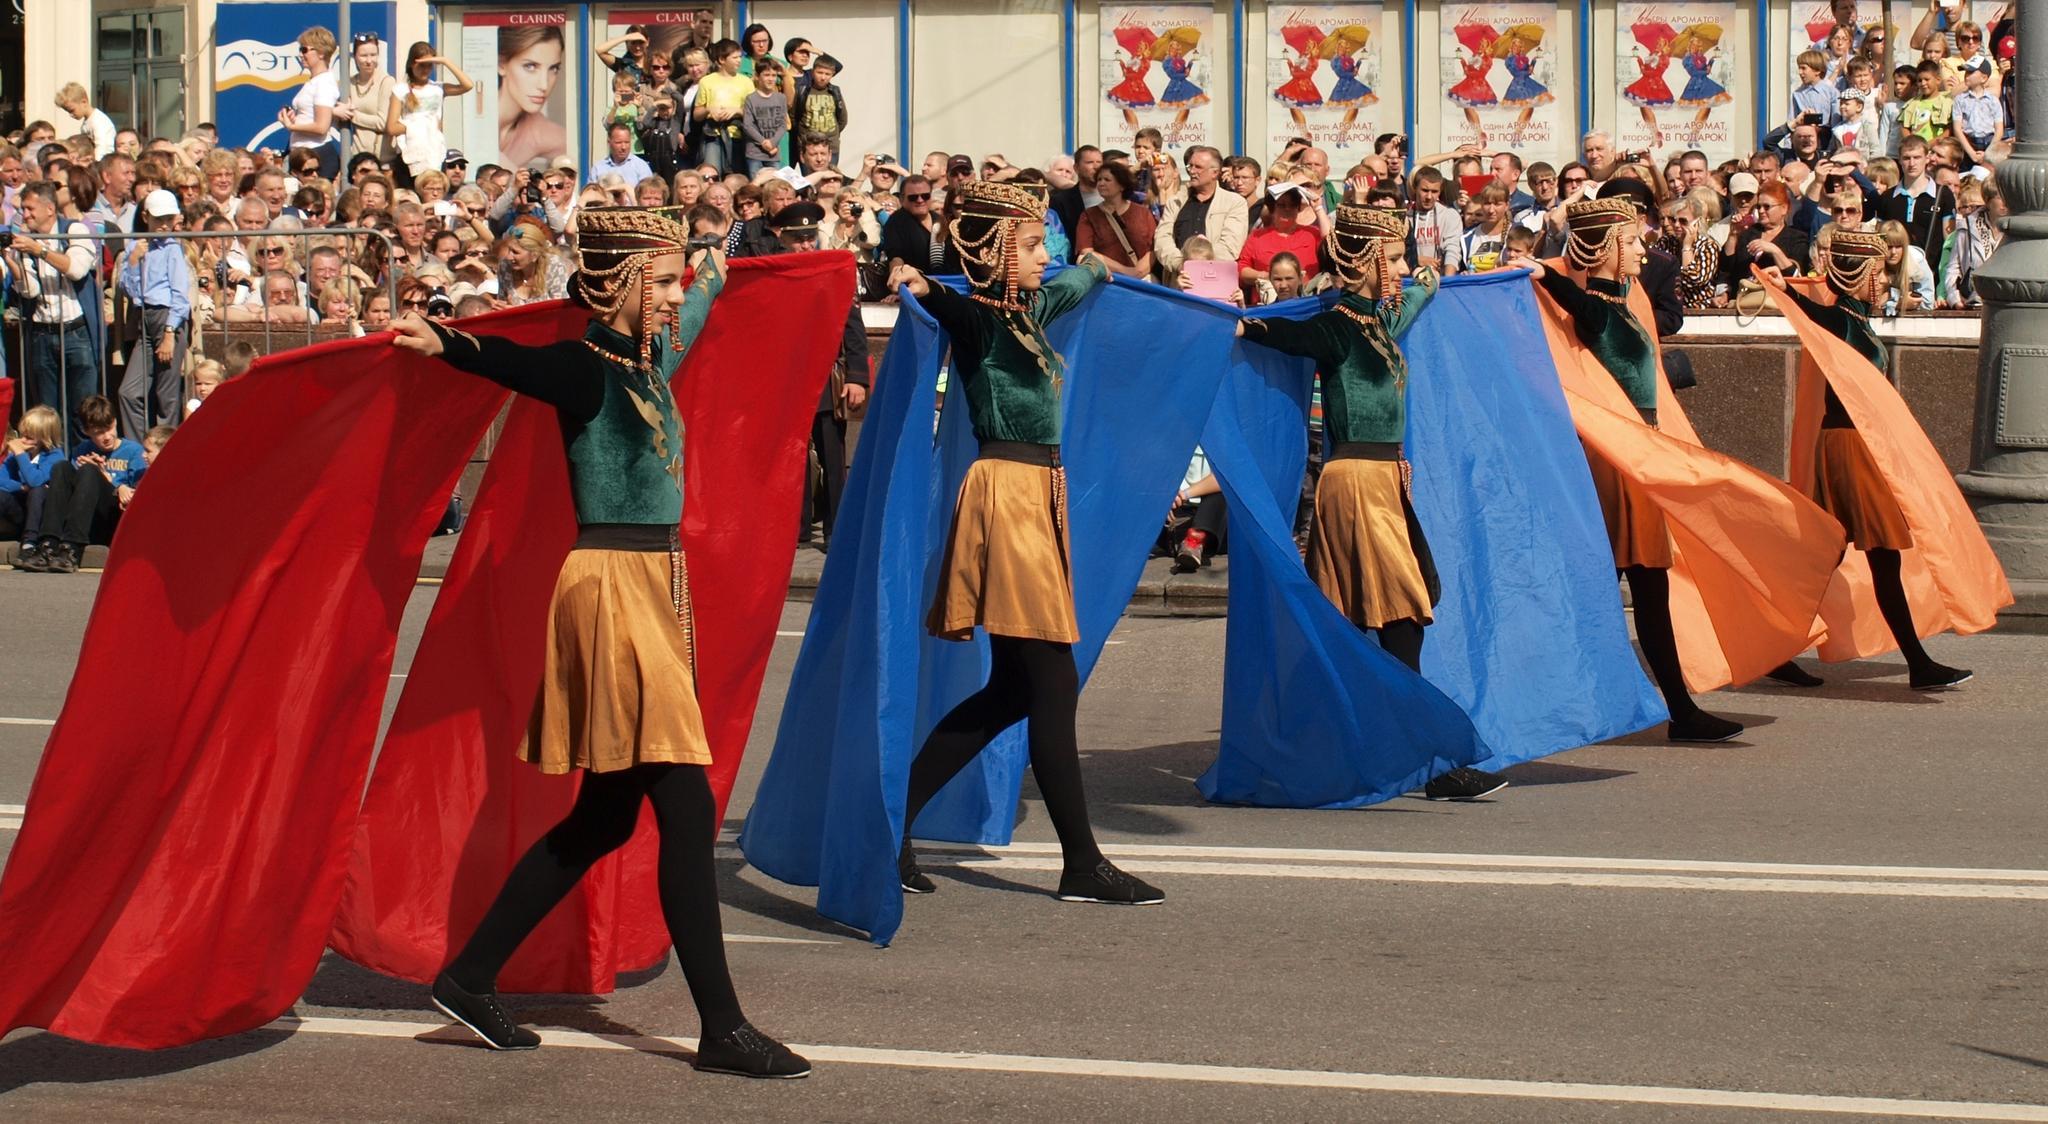 Участницы ансамбля «Армелад» с флагом Армении. Фотография Малец Михаила Георгиевича